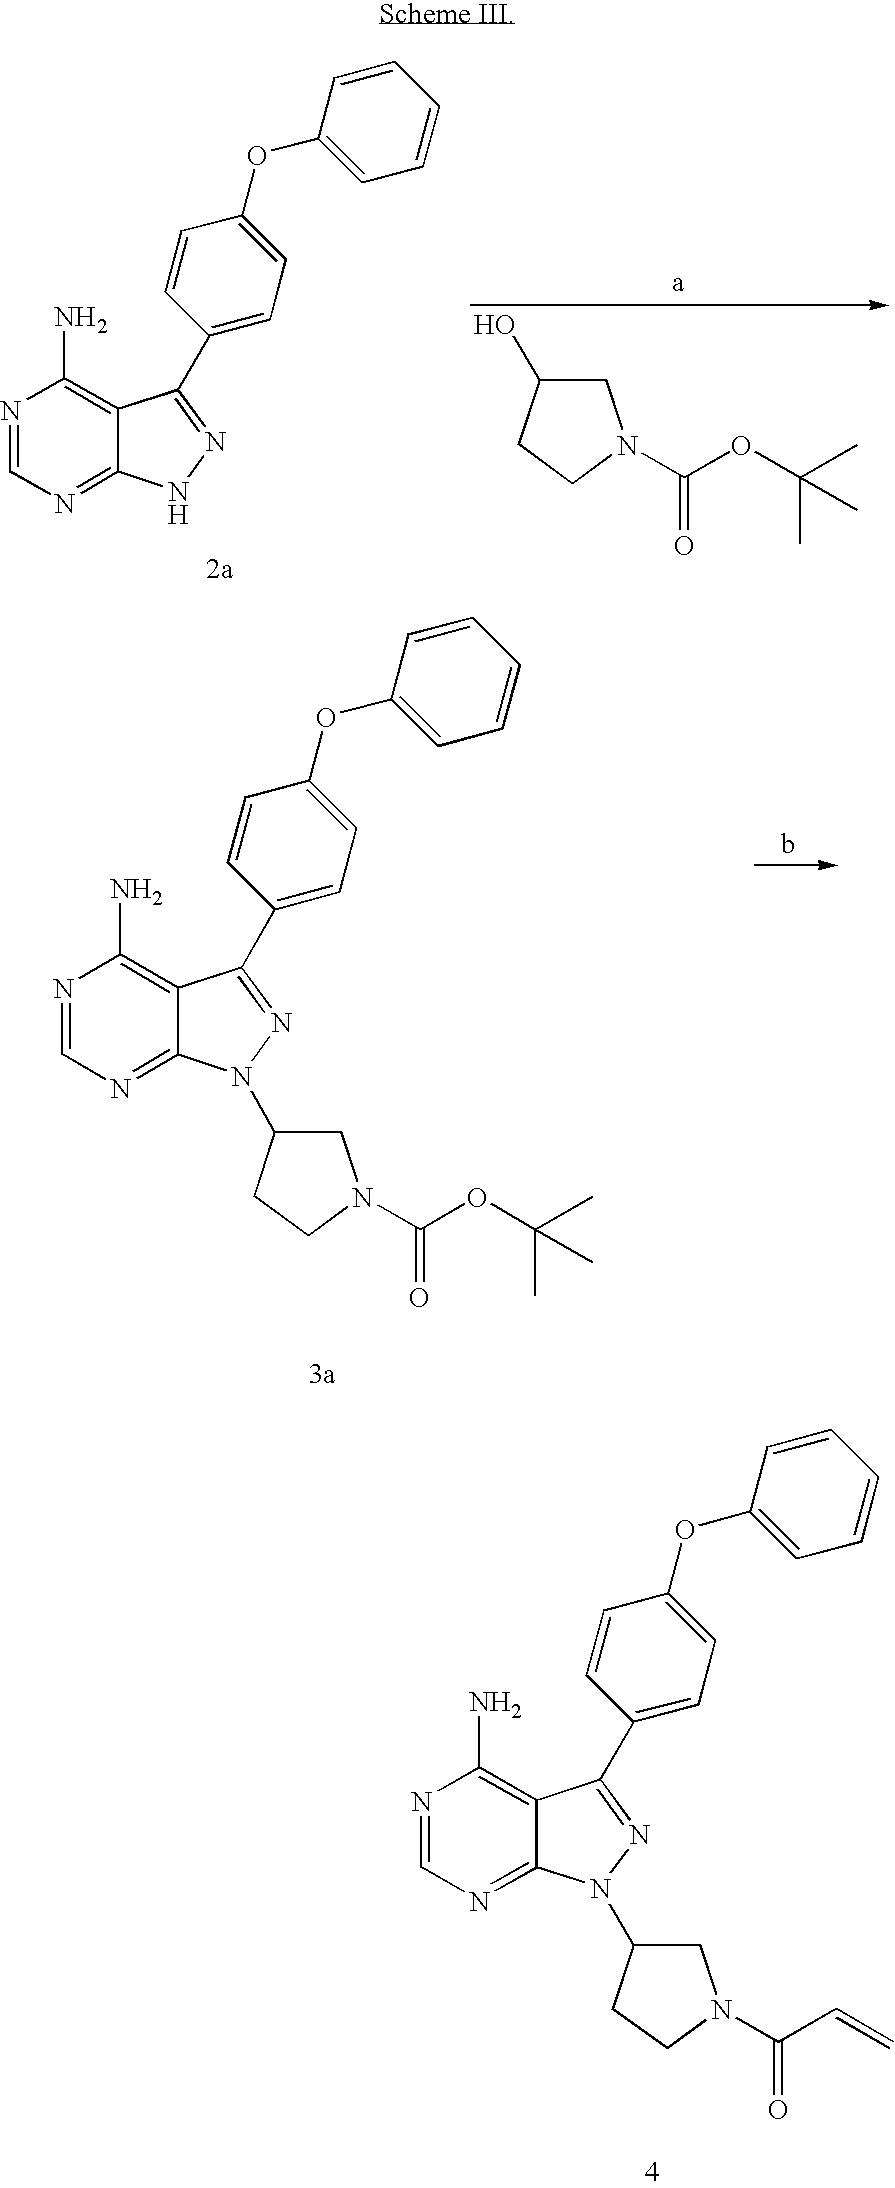 Figure US07741330-20100622-C00010